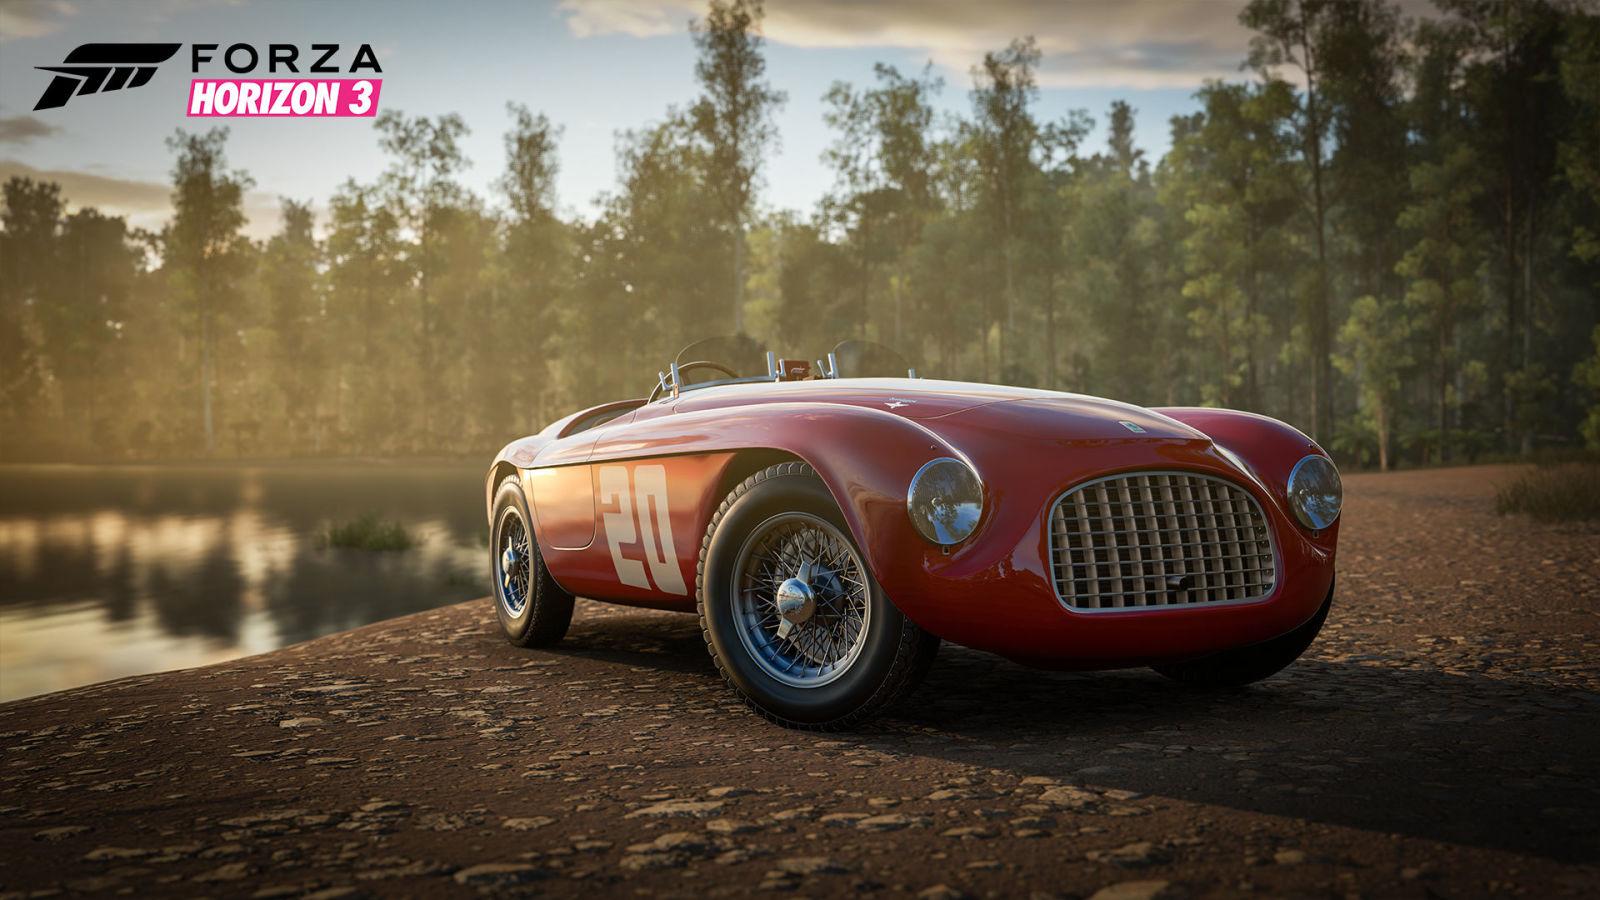 Forza Horizon 3 D 233 Voile Une Nouvelle Liste De Voitures Et